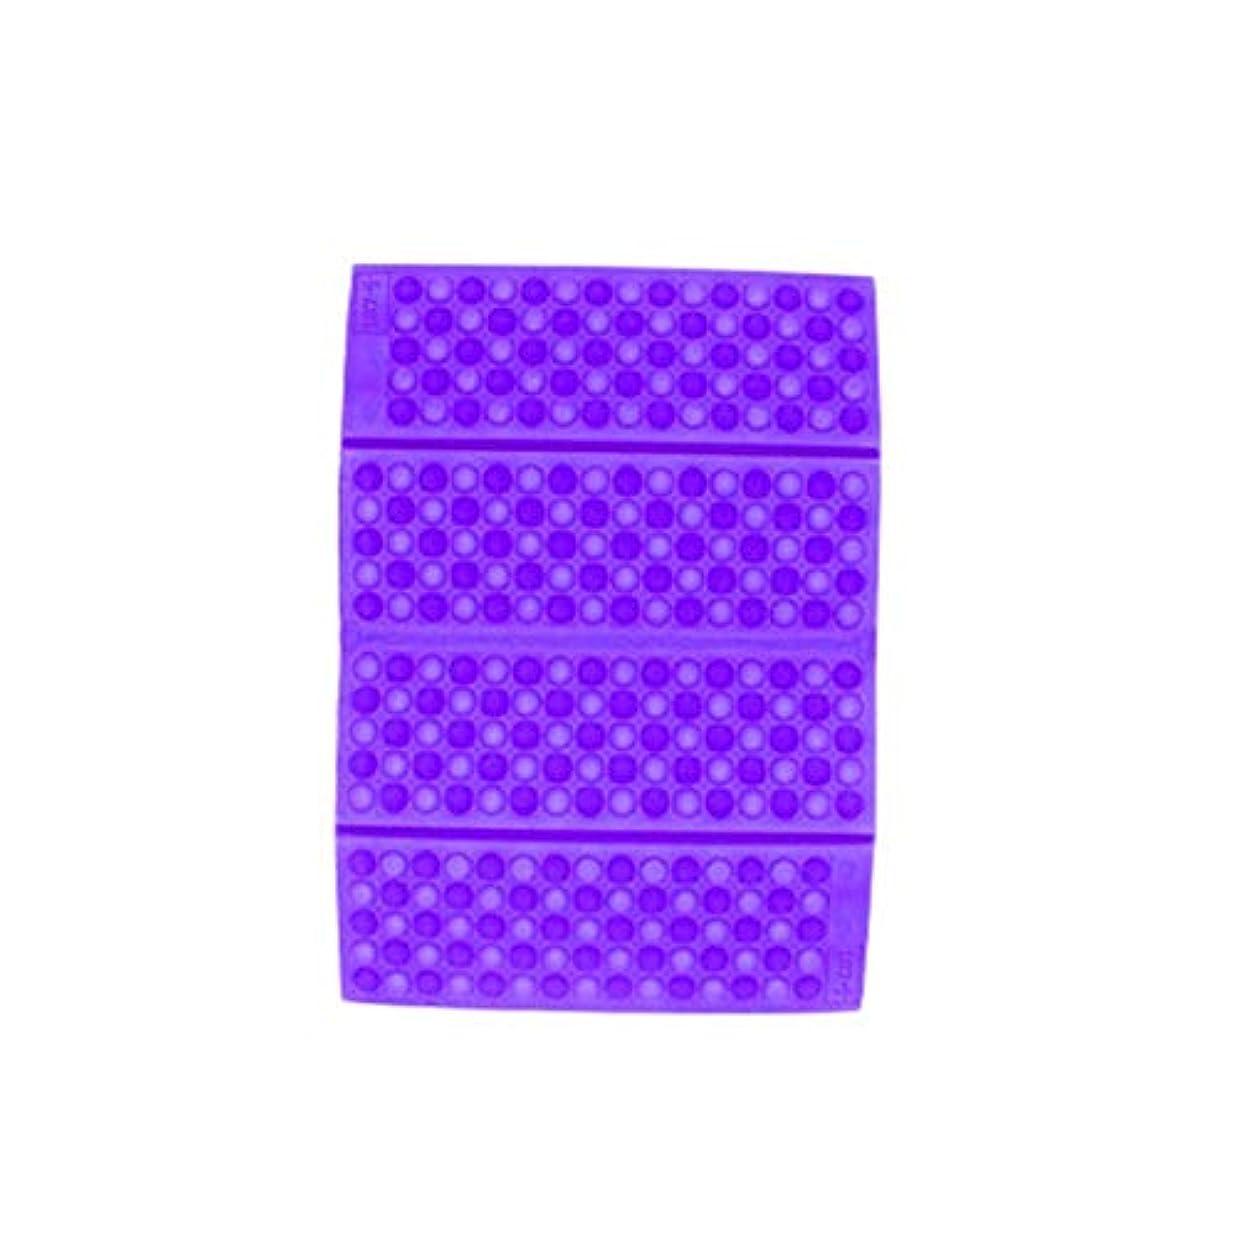 フェリーマラドロイト屋内ポータブルXPE防湿ハニカムクッションパープル-パープル